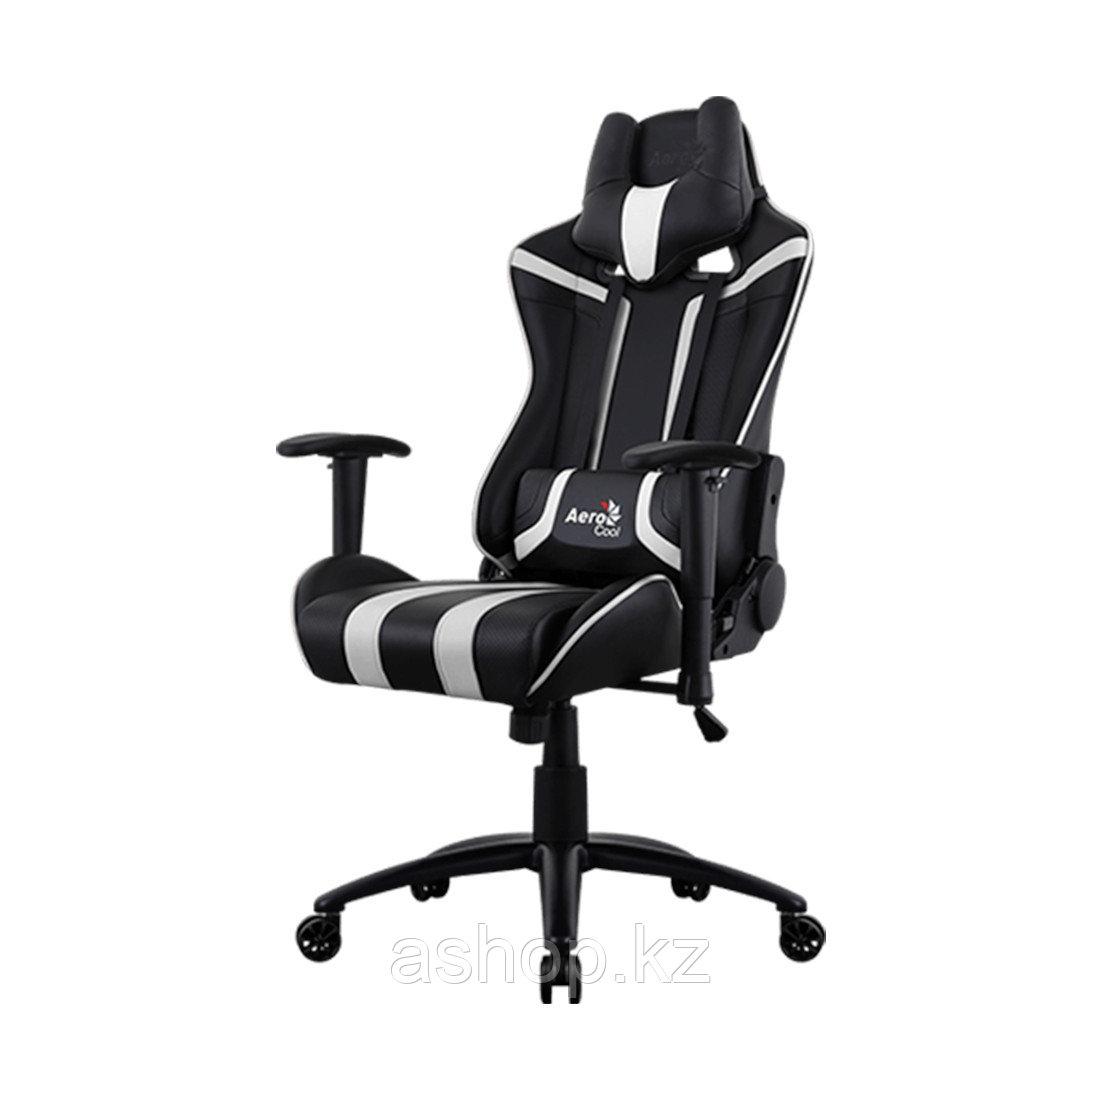 Кресло игровое AeroCool AC120, Нагрузка (max): 150 кг, Подлокотники, Подголовник, Вентиляция, Цвет: Чёрно-белы